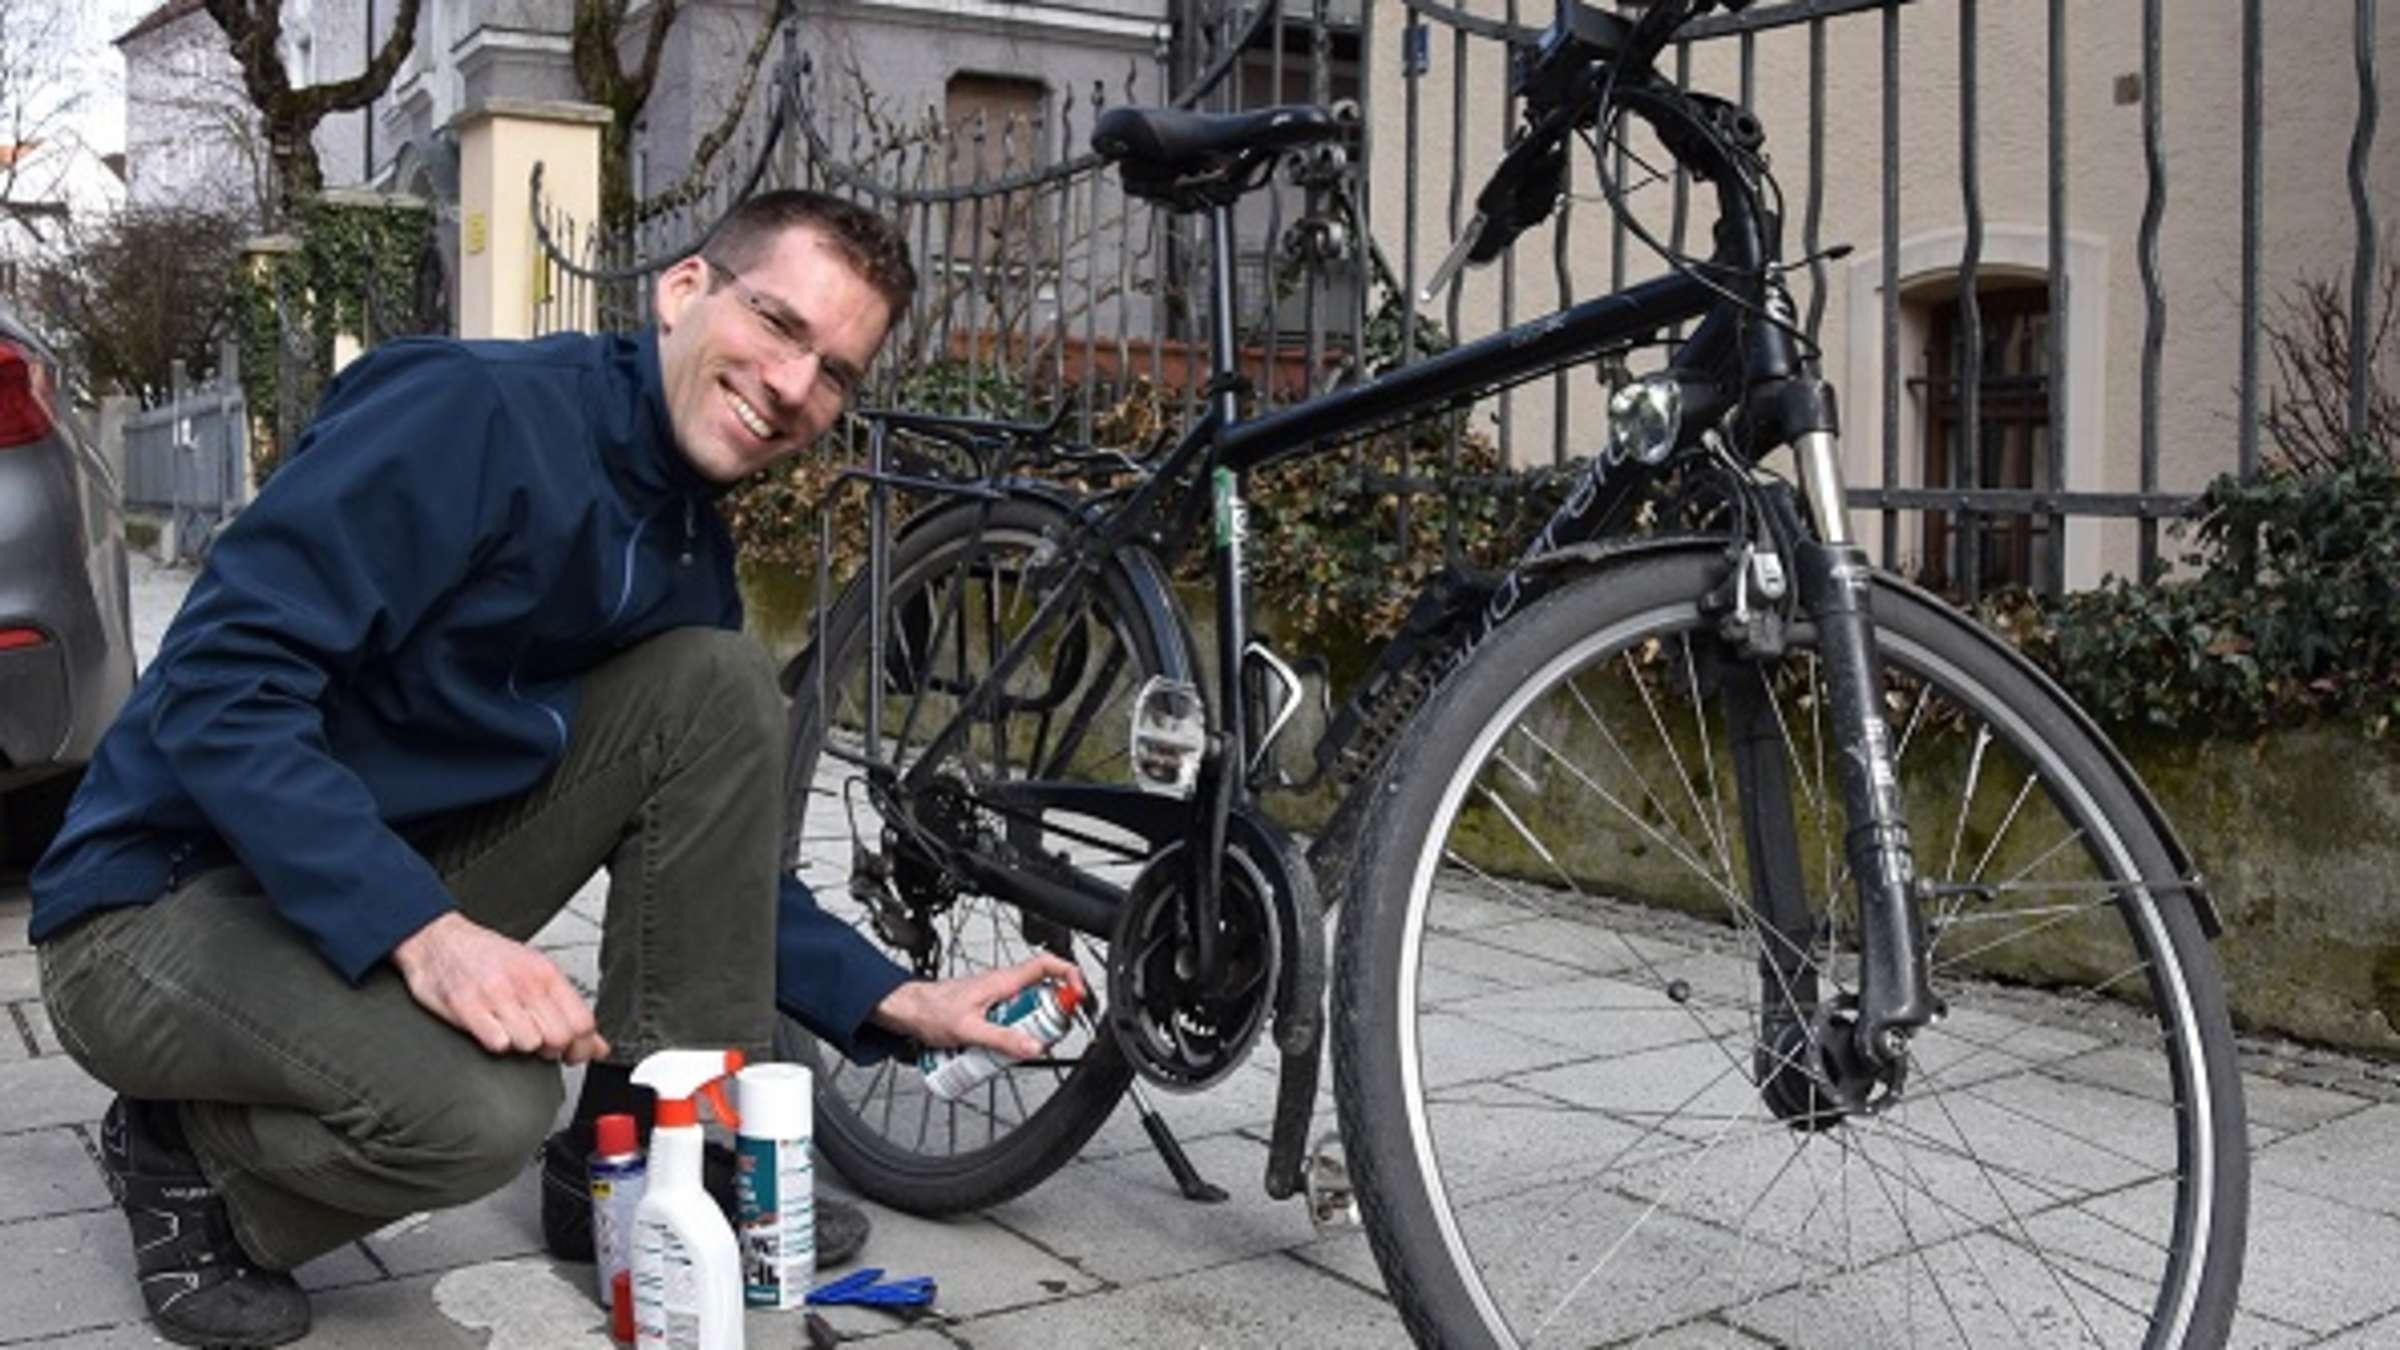 Andreas Groh Ein Helm Ist In Munchen Eine Kleine Lebensversicherung Interviews